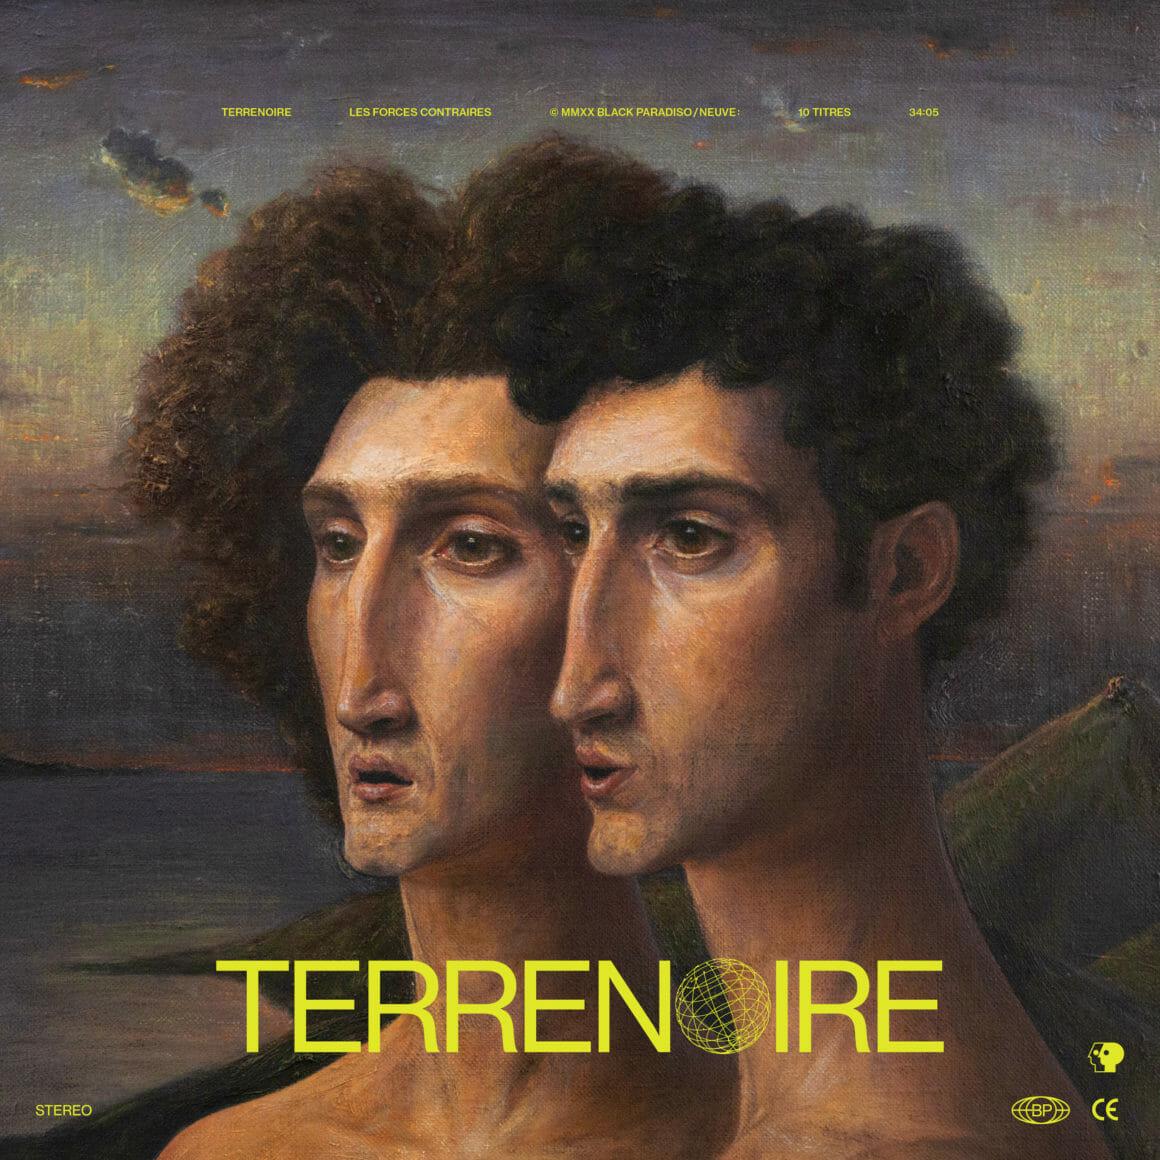 Terrenoire, un album à l'image d'un cadavre-exquis : joyeuse mélancolie. 1